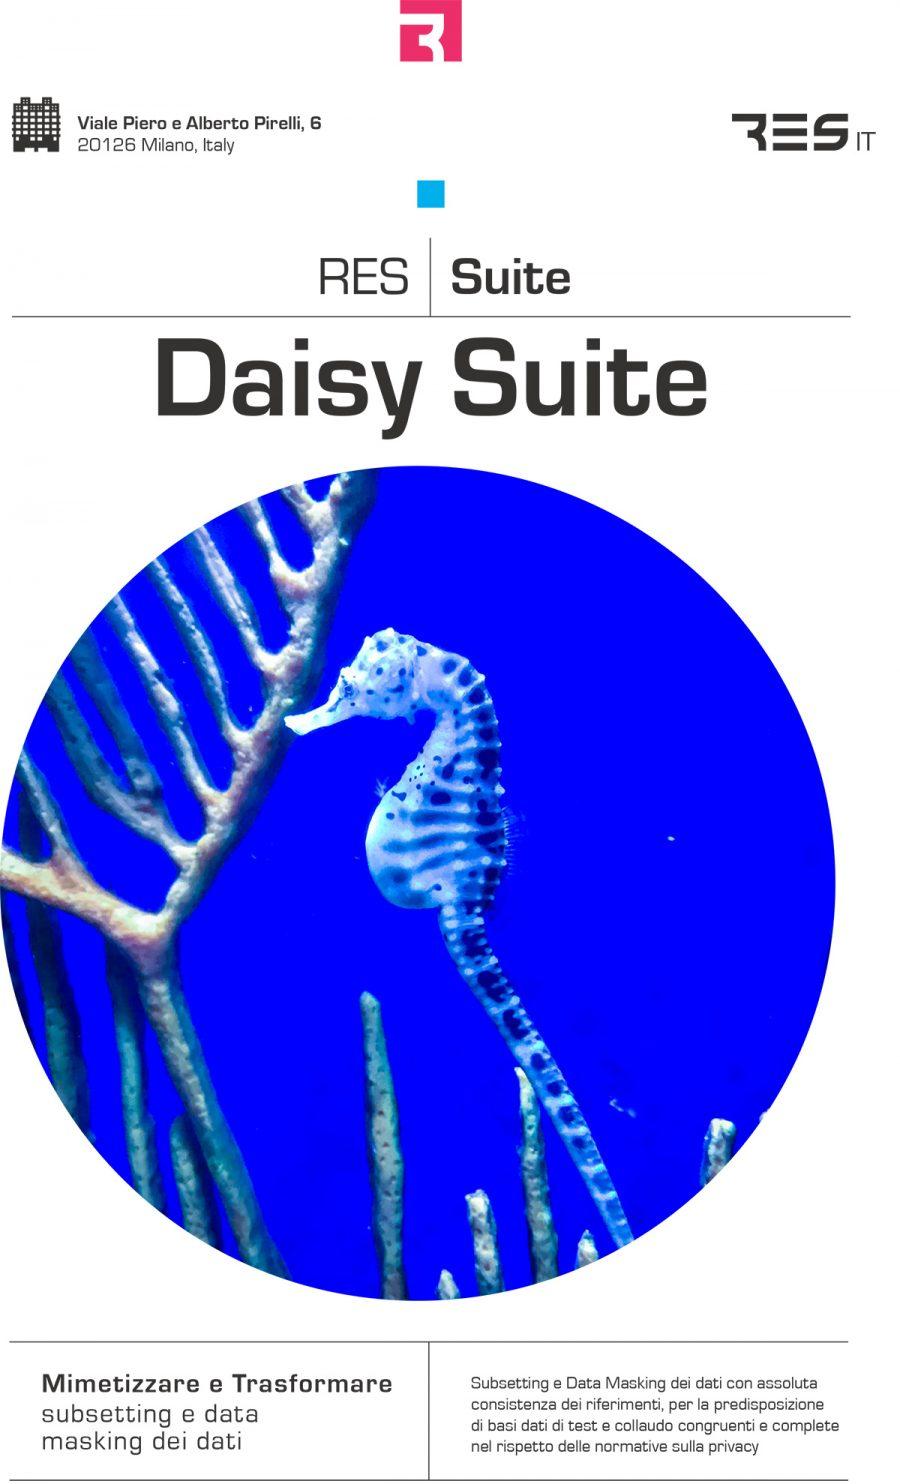 Daisy Suite